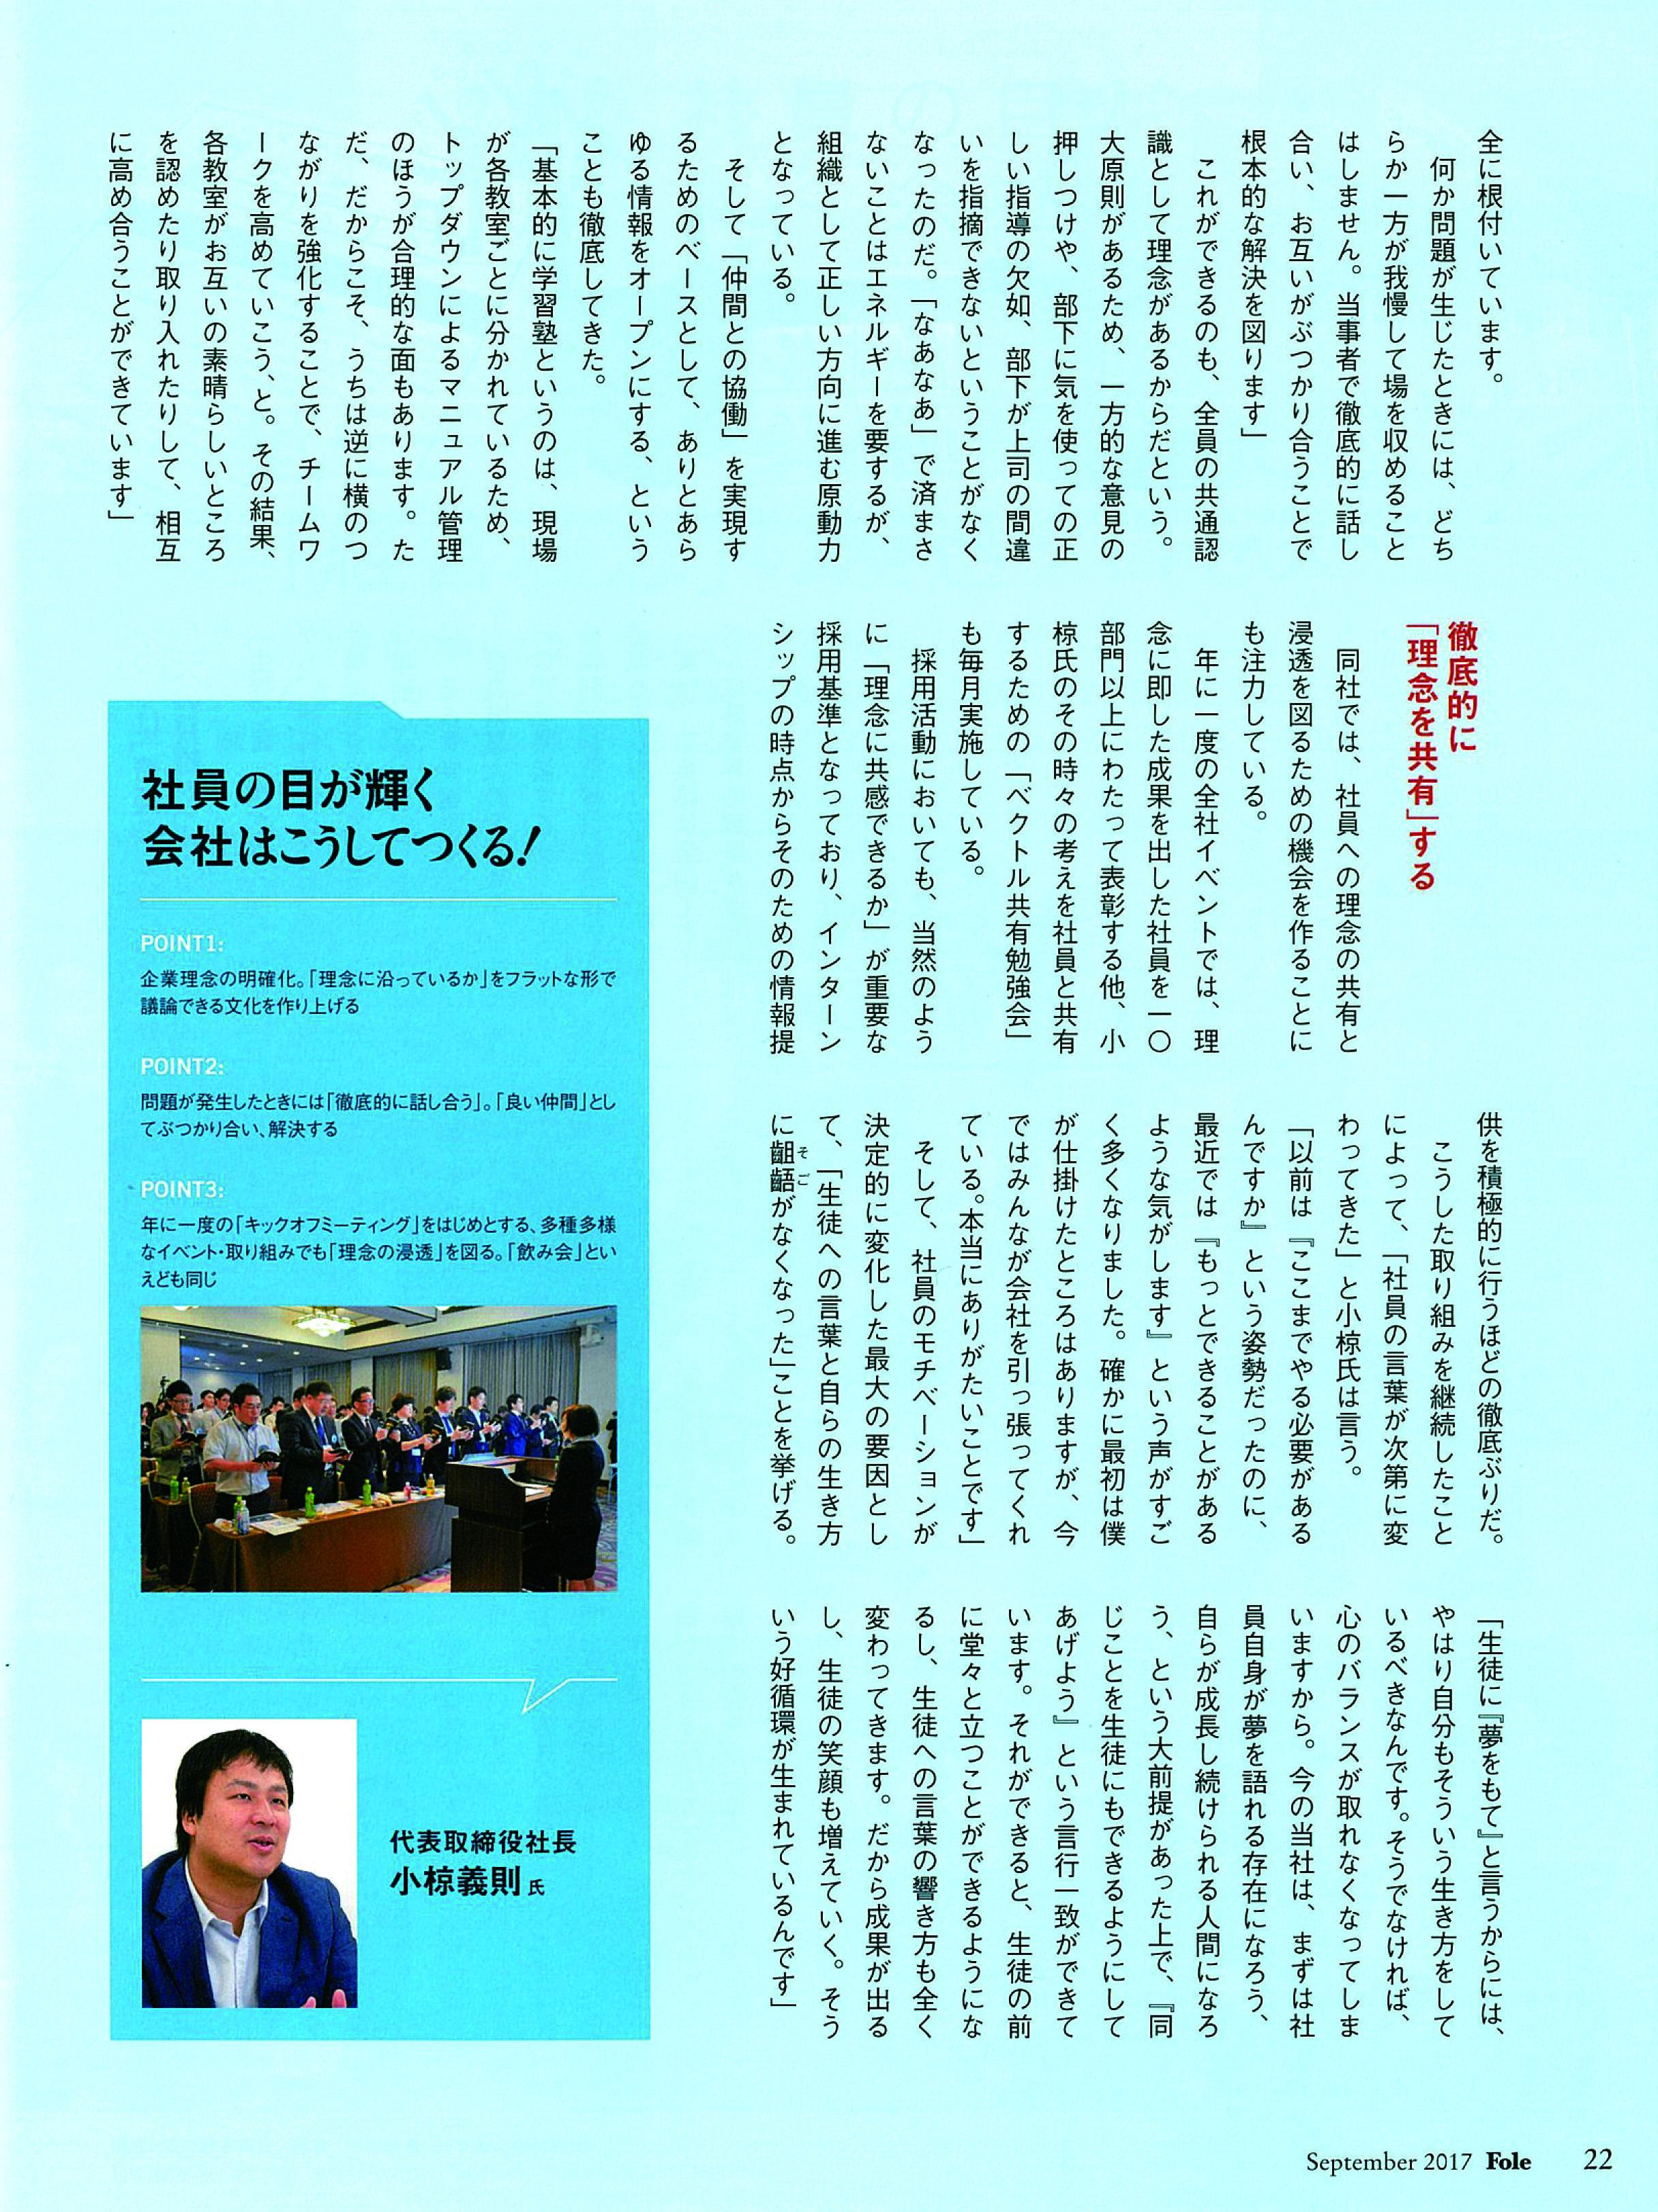 https://www.kec.gr.jp/corp/news/fole2.jpg